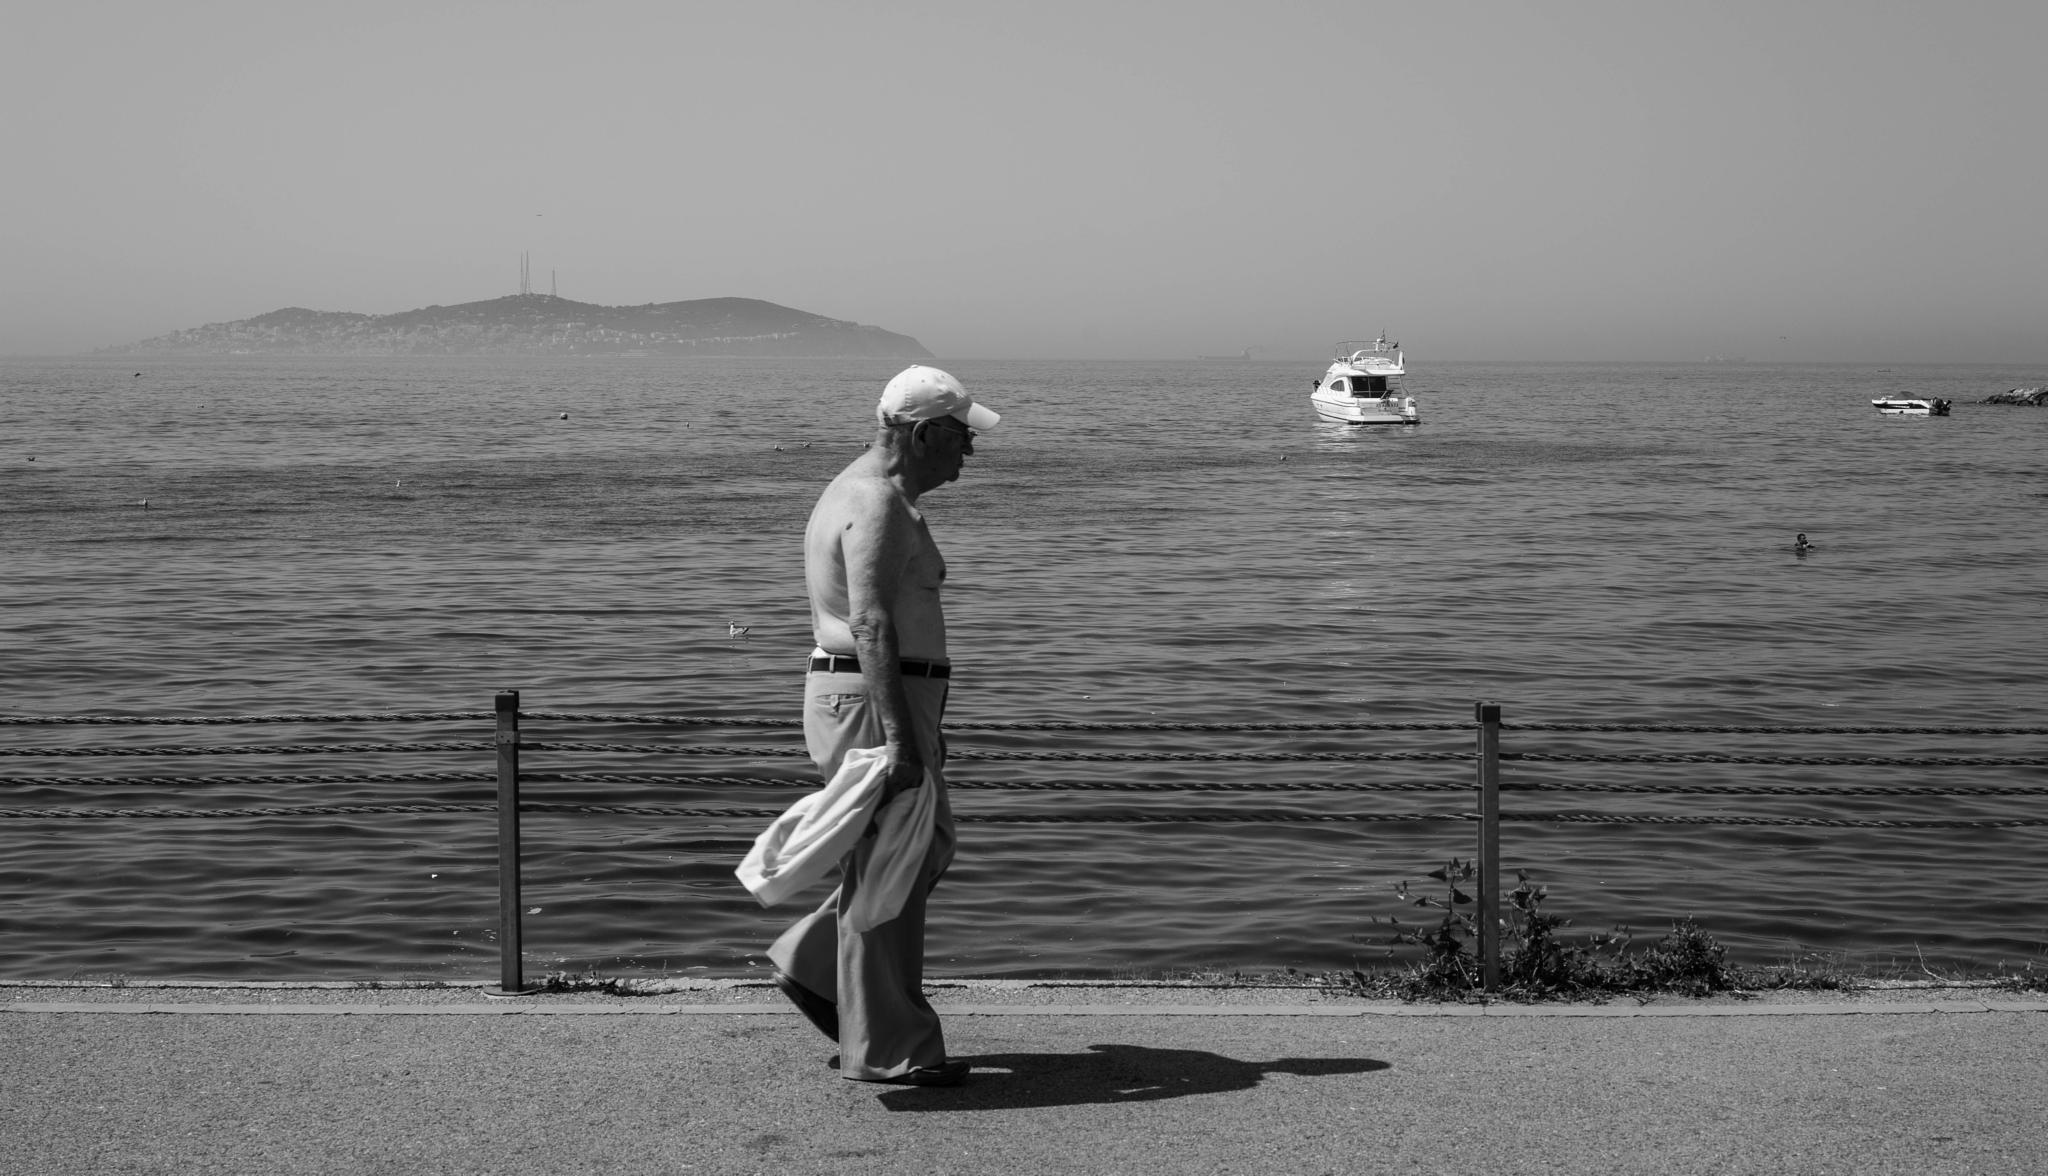 Old man on beach by hbilgen